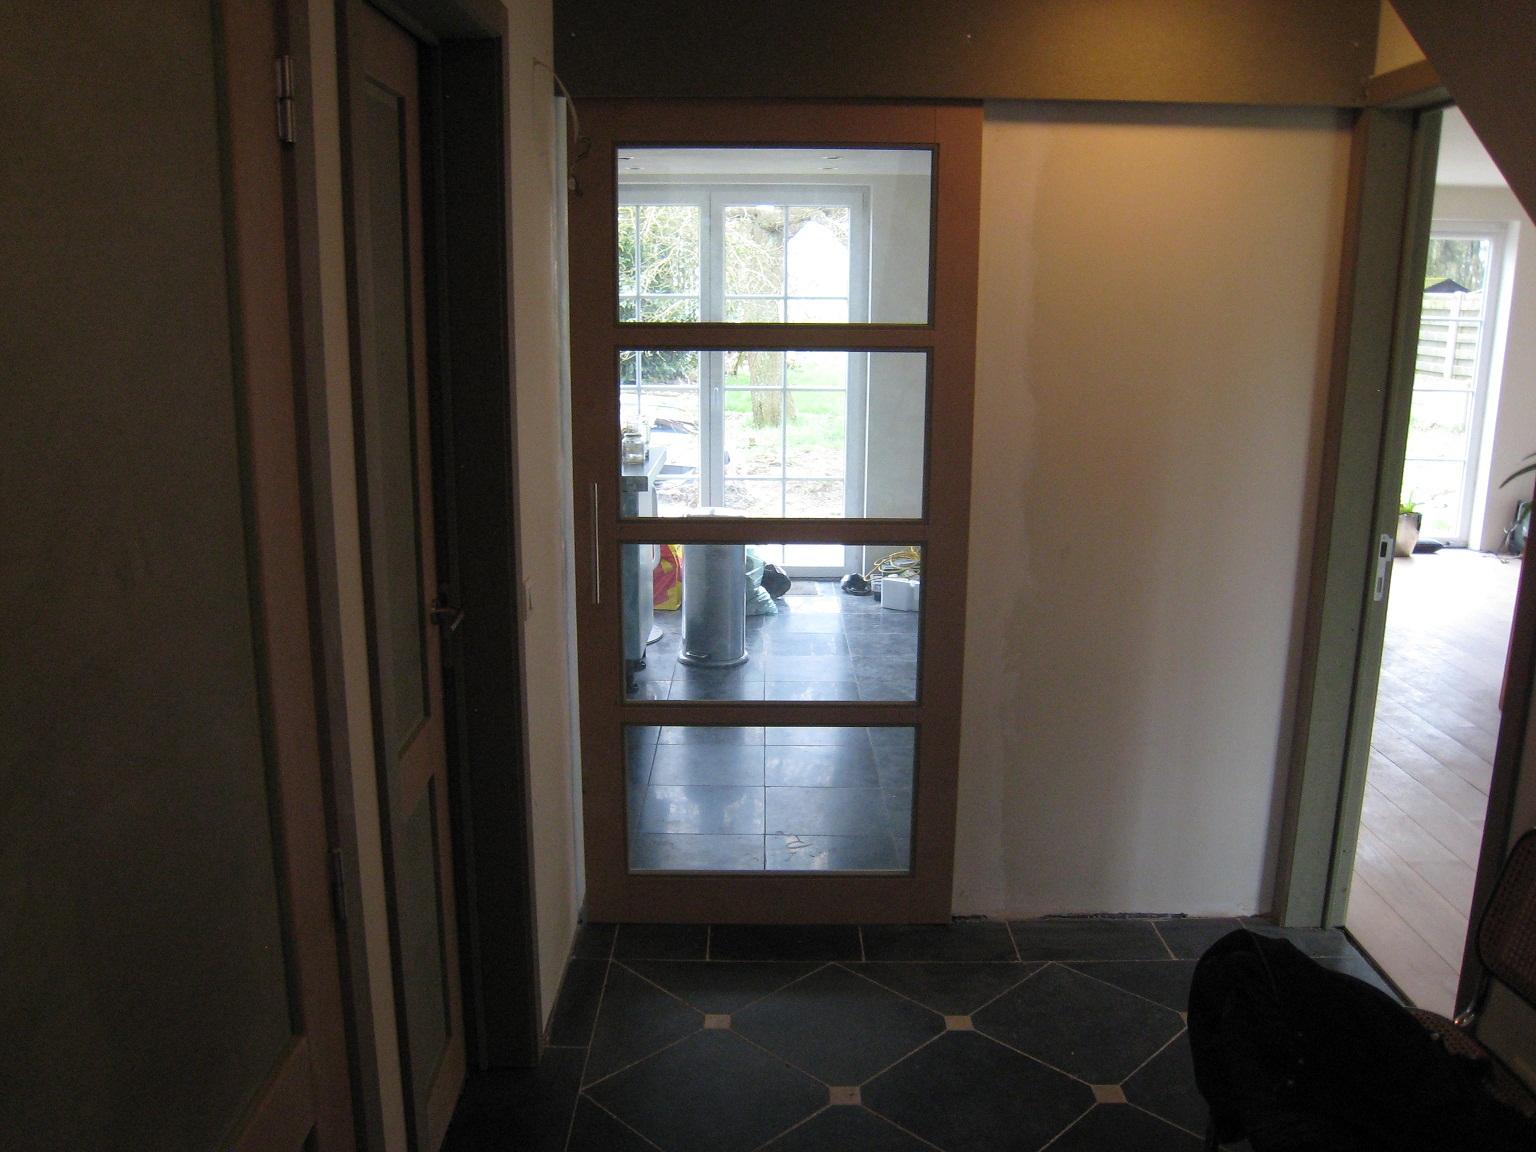 Huize Stapel: Keuken en woonkamer deur met glas